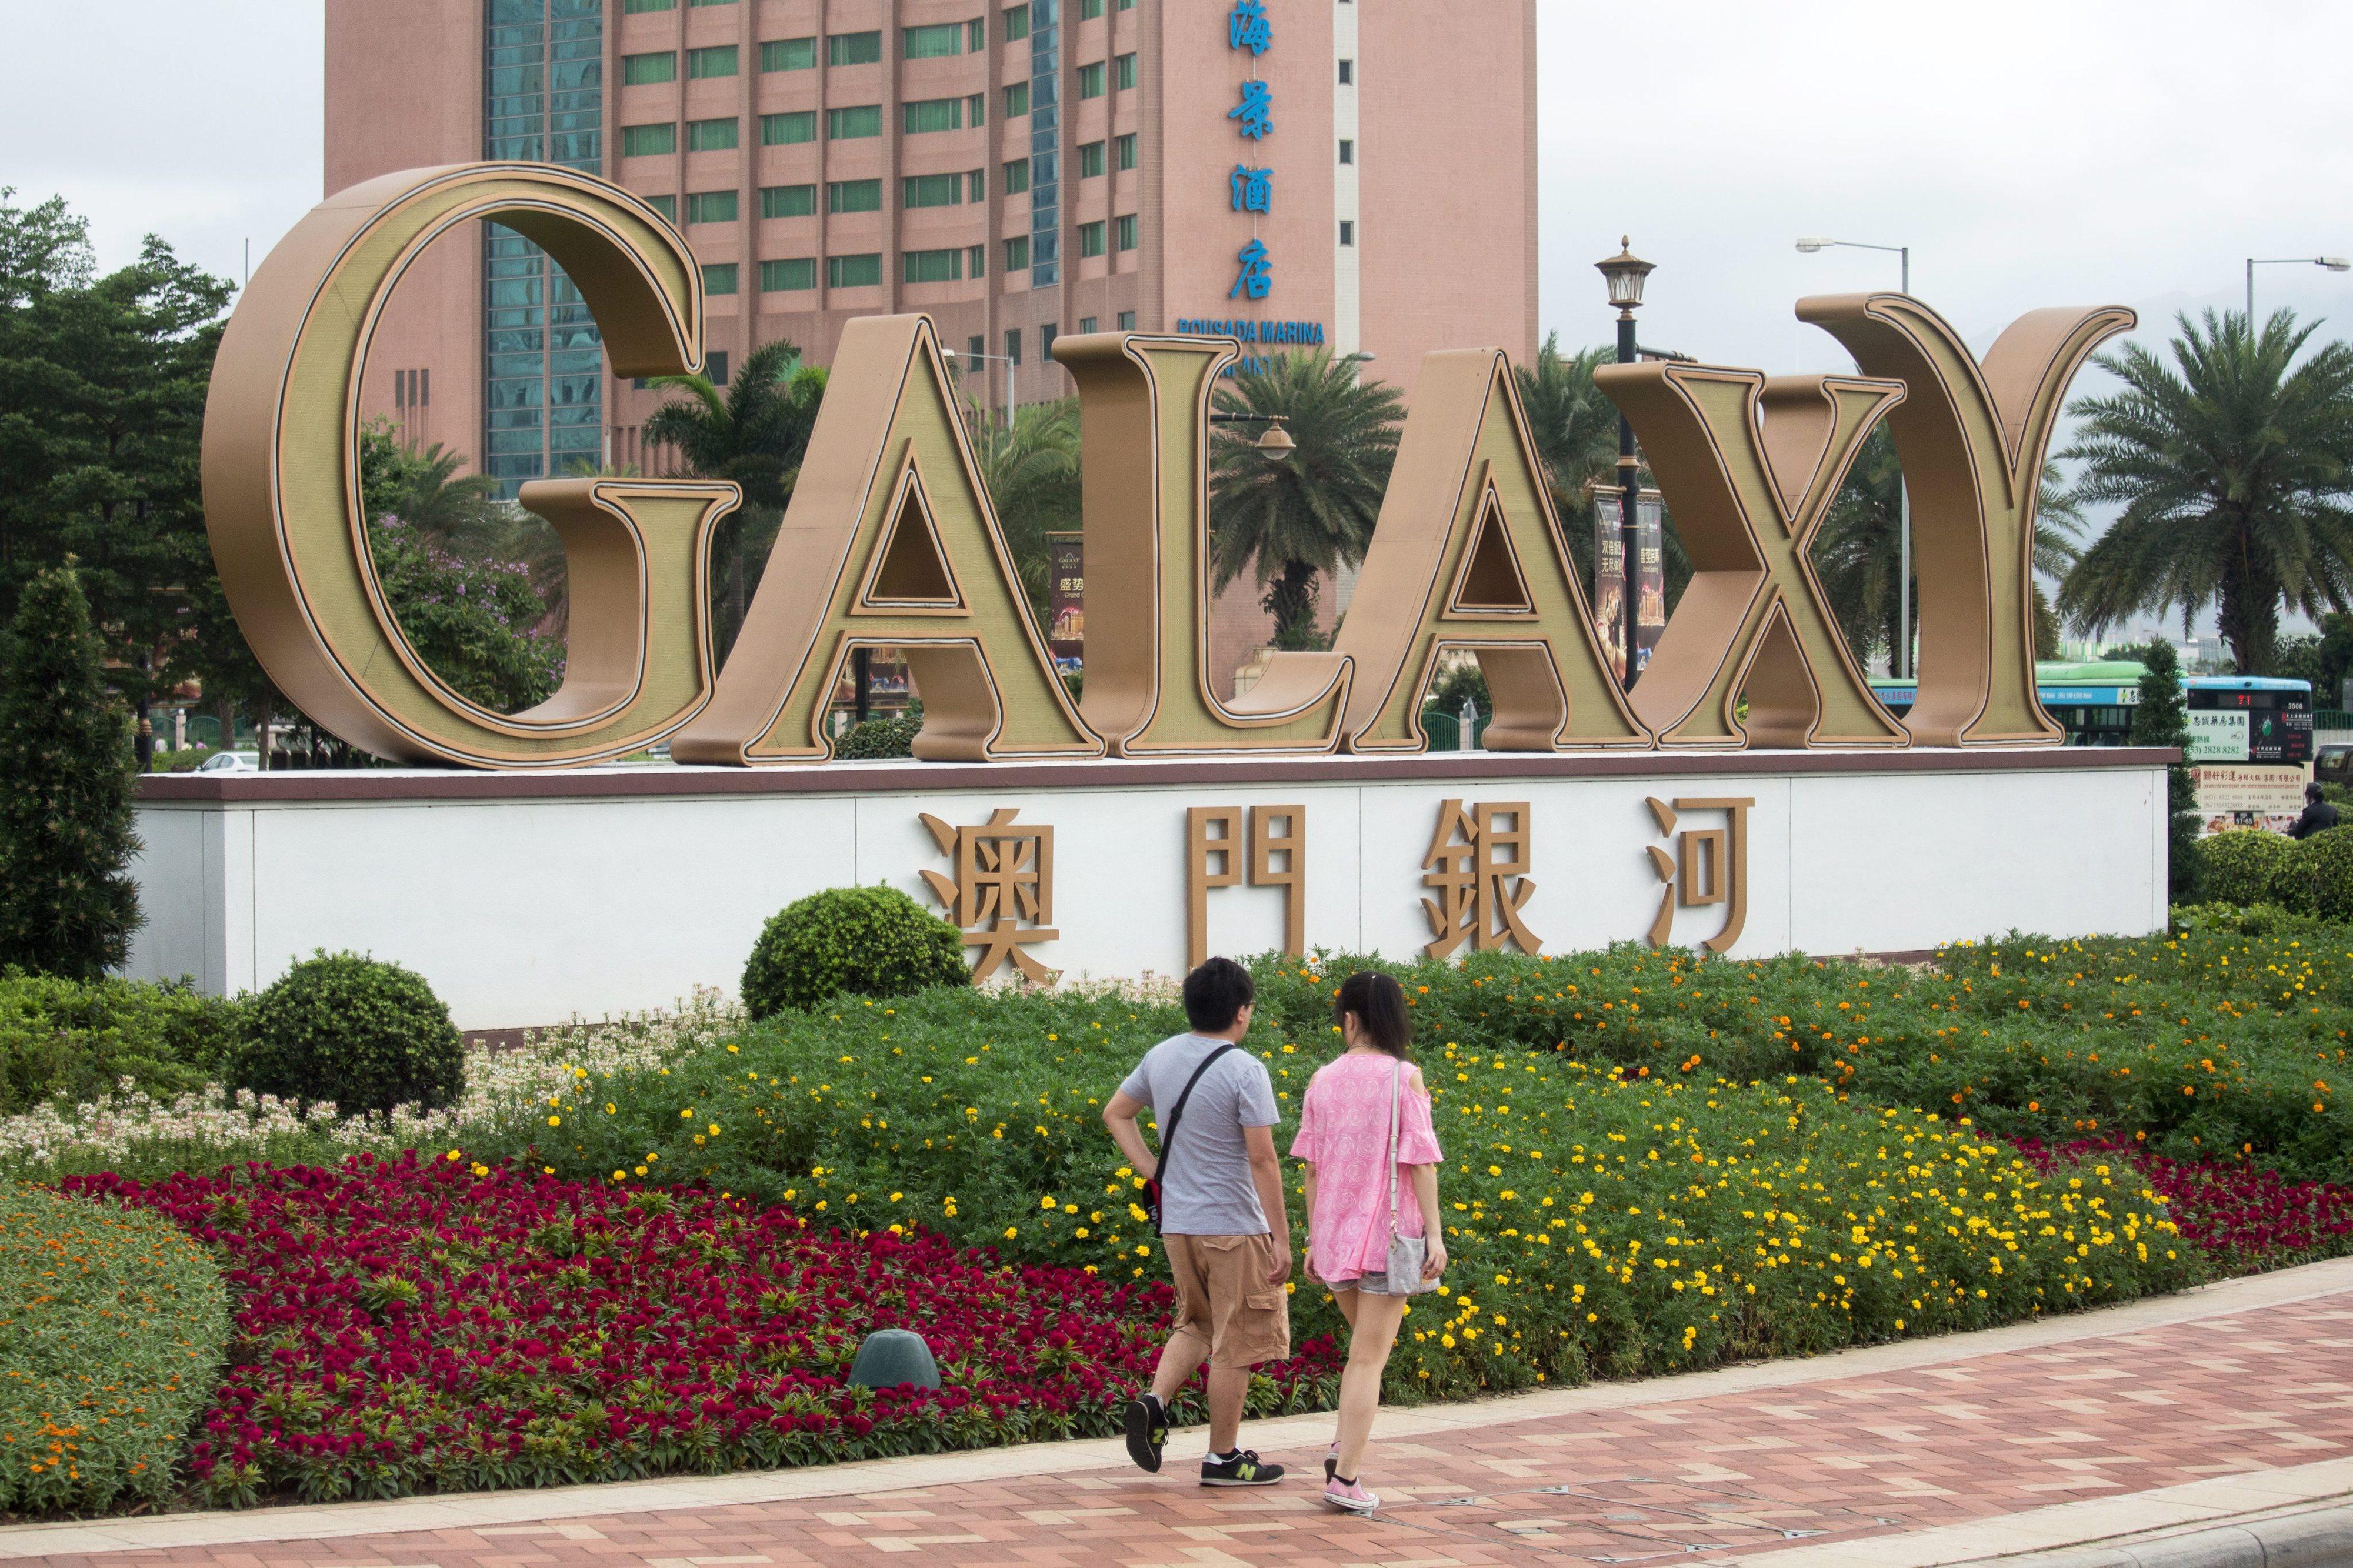 Lucros da operadora de jogo Galaxy sobem 26% no primeiro semestre em Macau